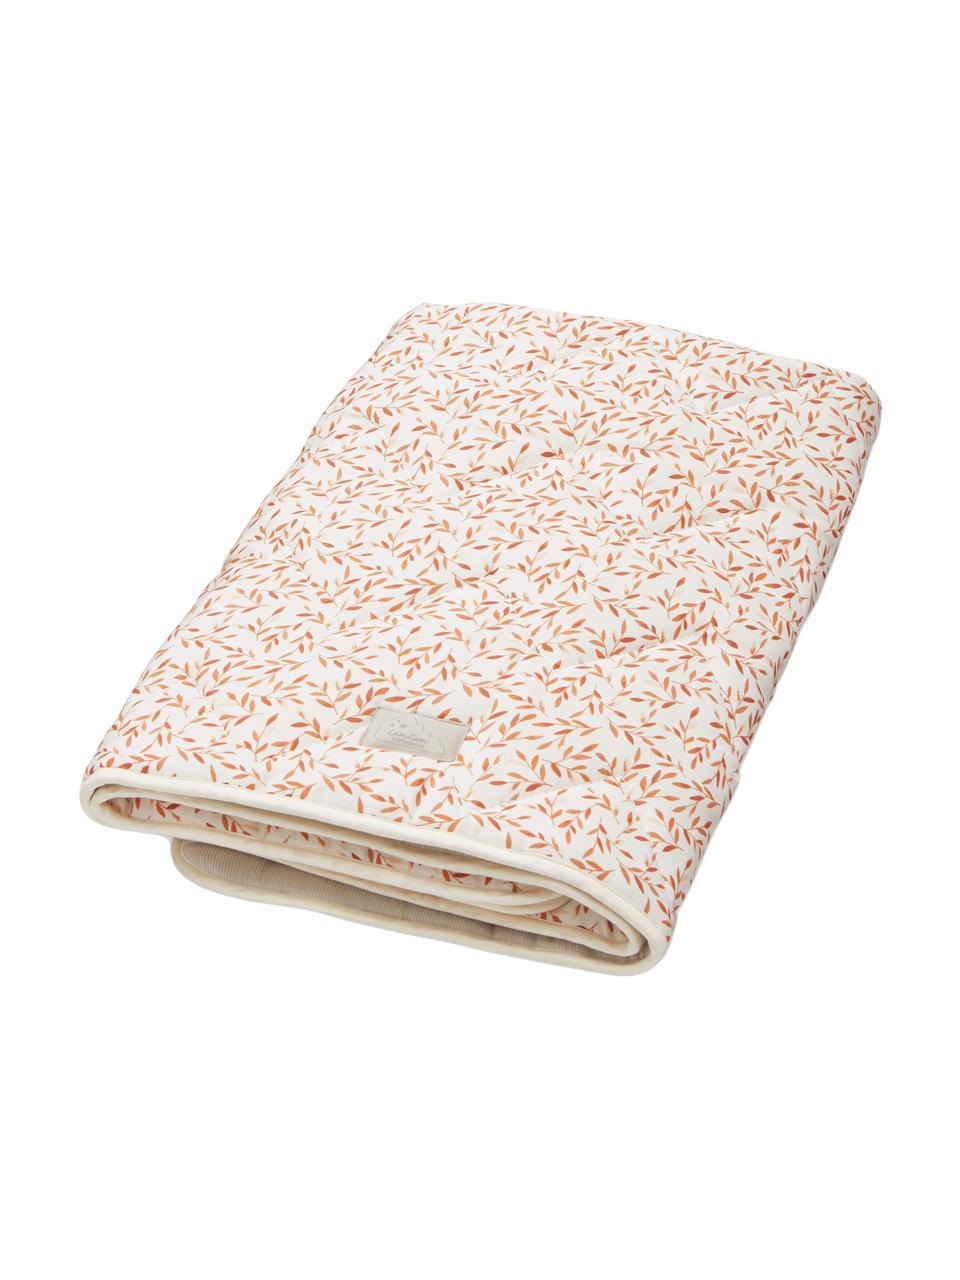 Decke Leaves aus Bio-Baumwolle, Bezug: 100% Bio-Baumwolle, OCS-z, Cremefarben, Orange, 100 x 100 cm